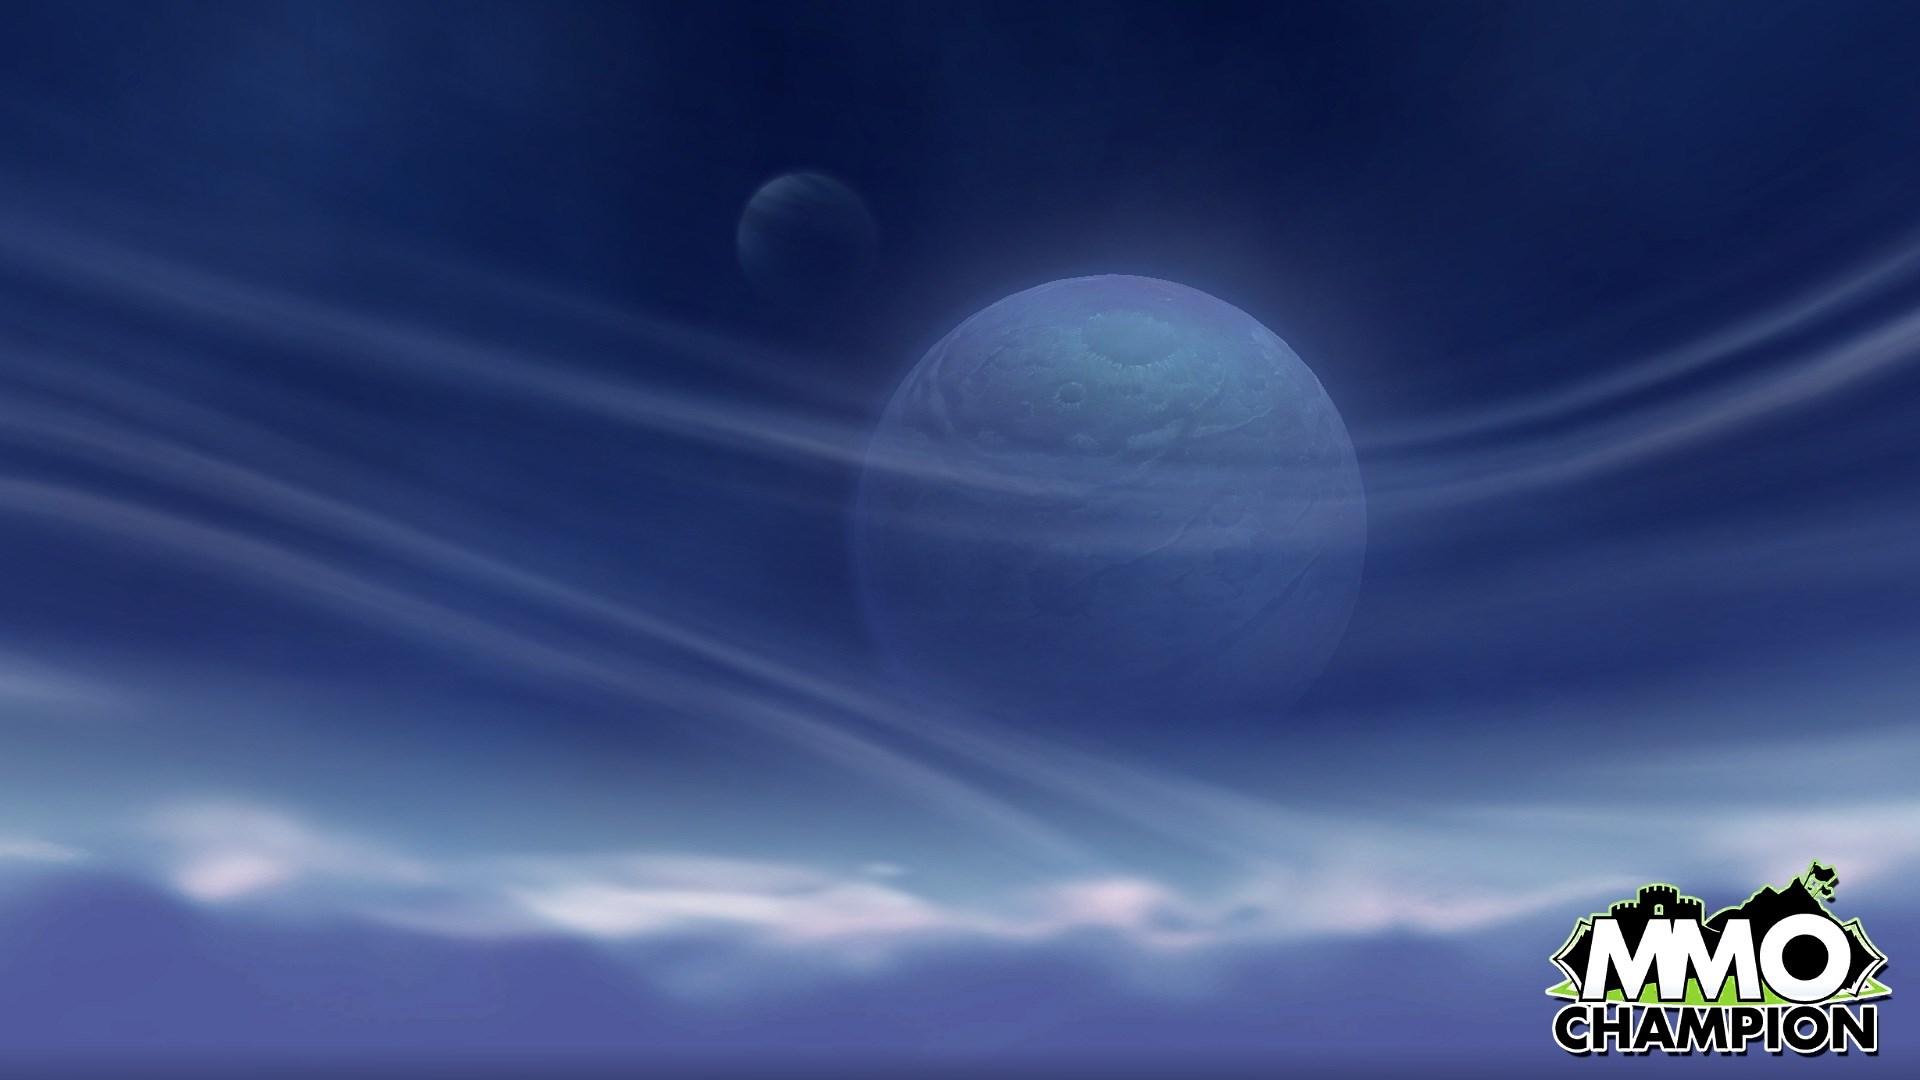 背景 壁纸 风景 皮肤 气候 气象 天空 星空 宇宙 桌面 1920_1080